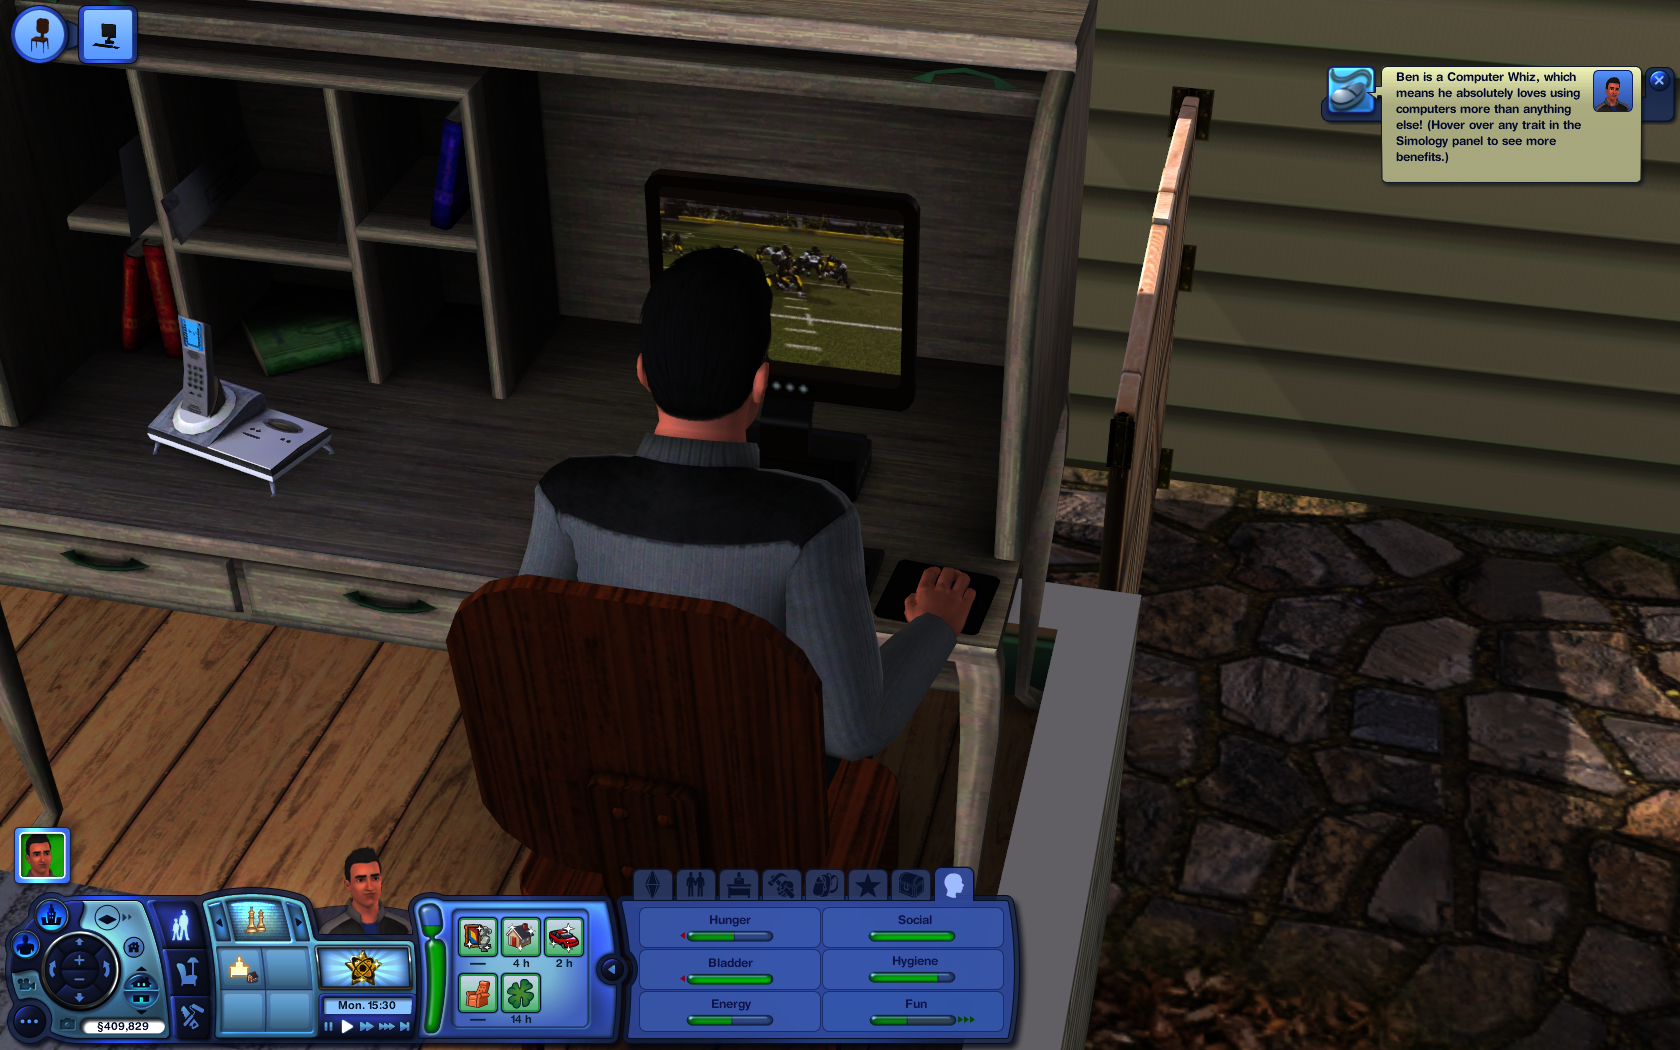 Sims 3 sells 3.7 million